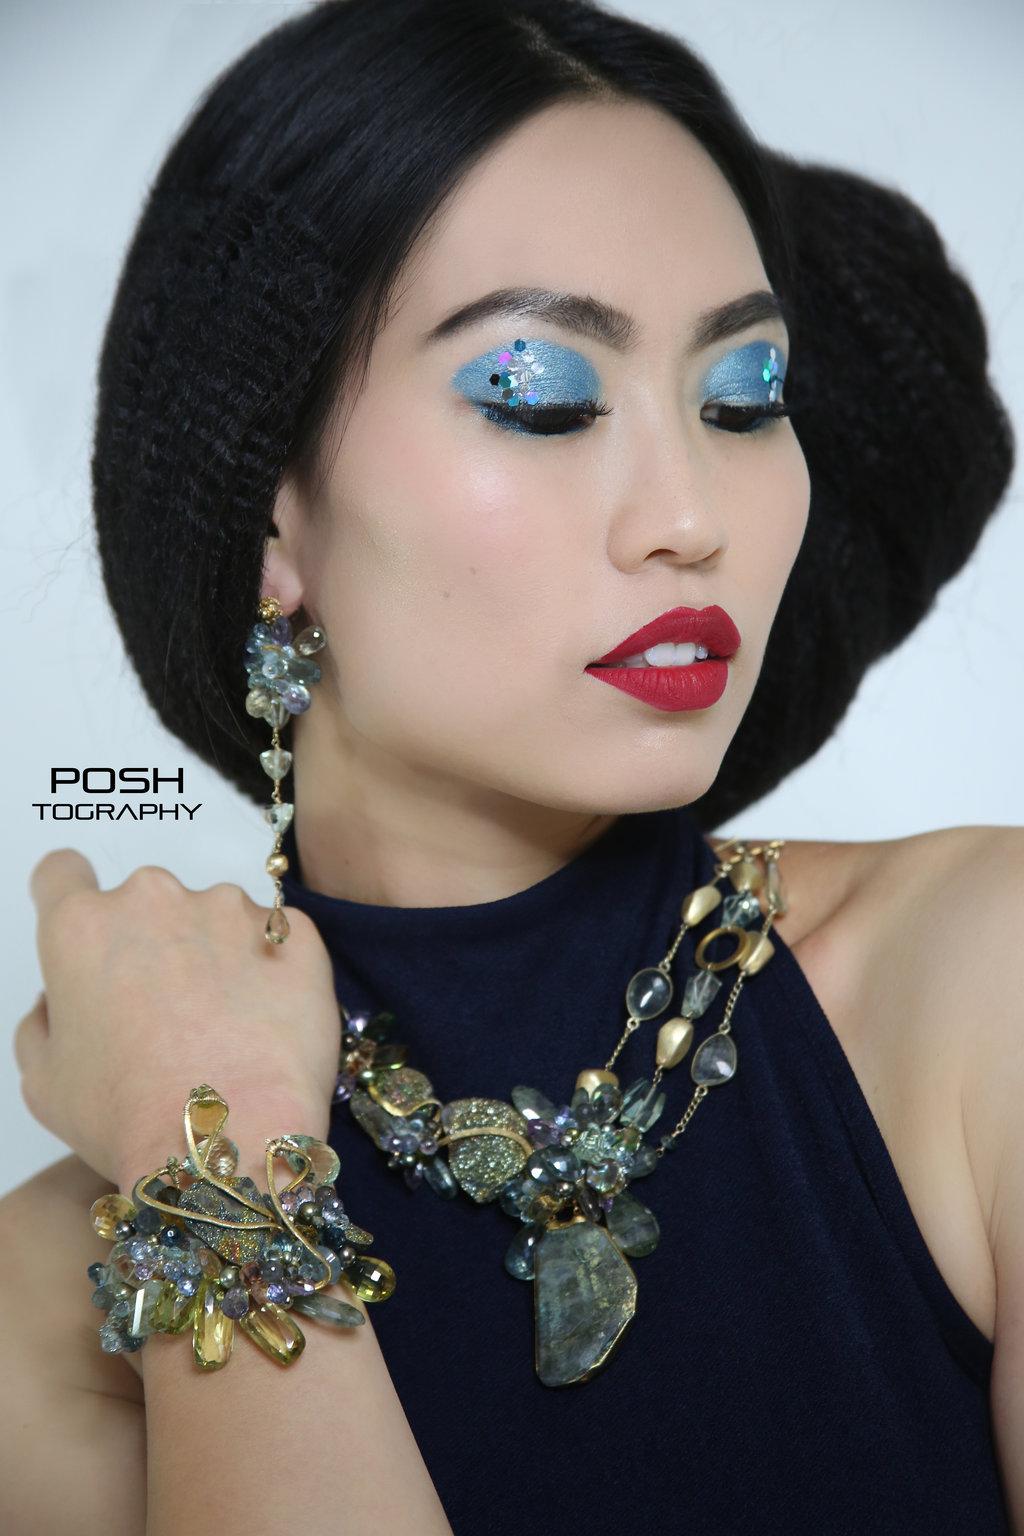 model wearing rainbow pyrite earrings